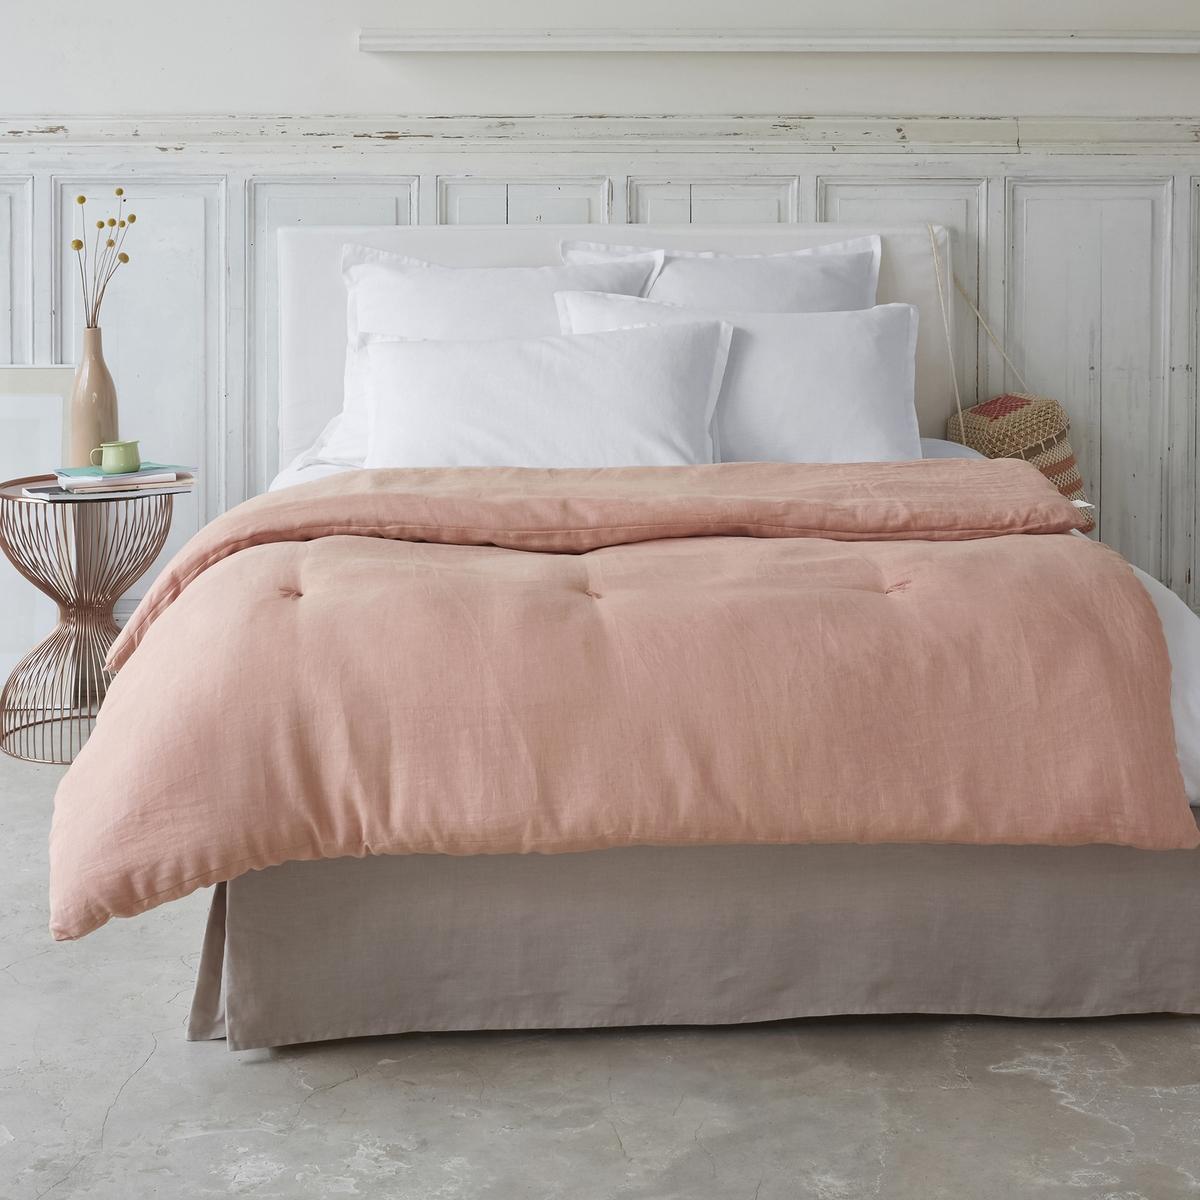 Одеяло из стиранного льна, Abella от La Redoute